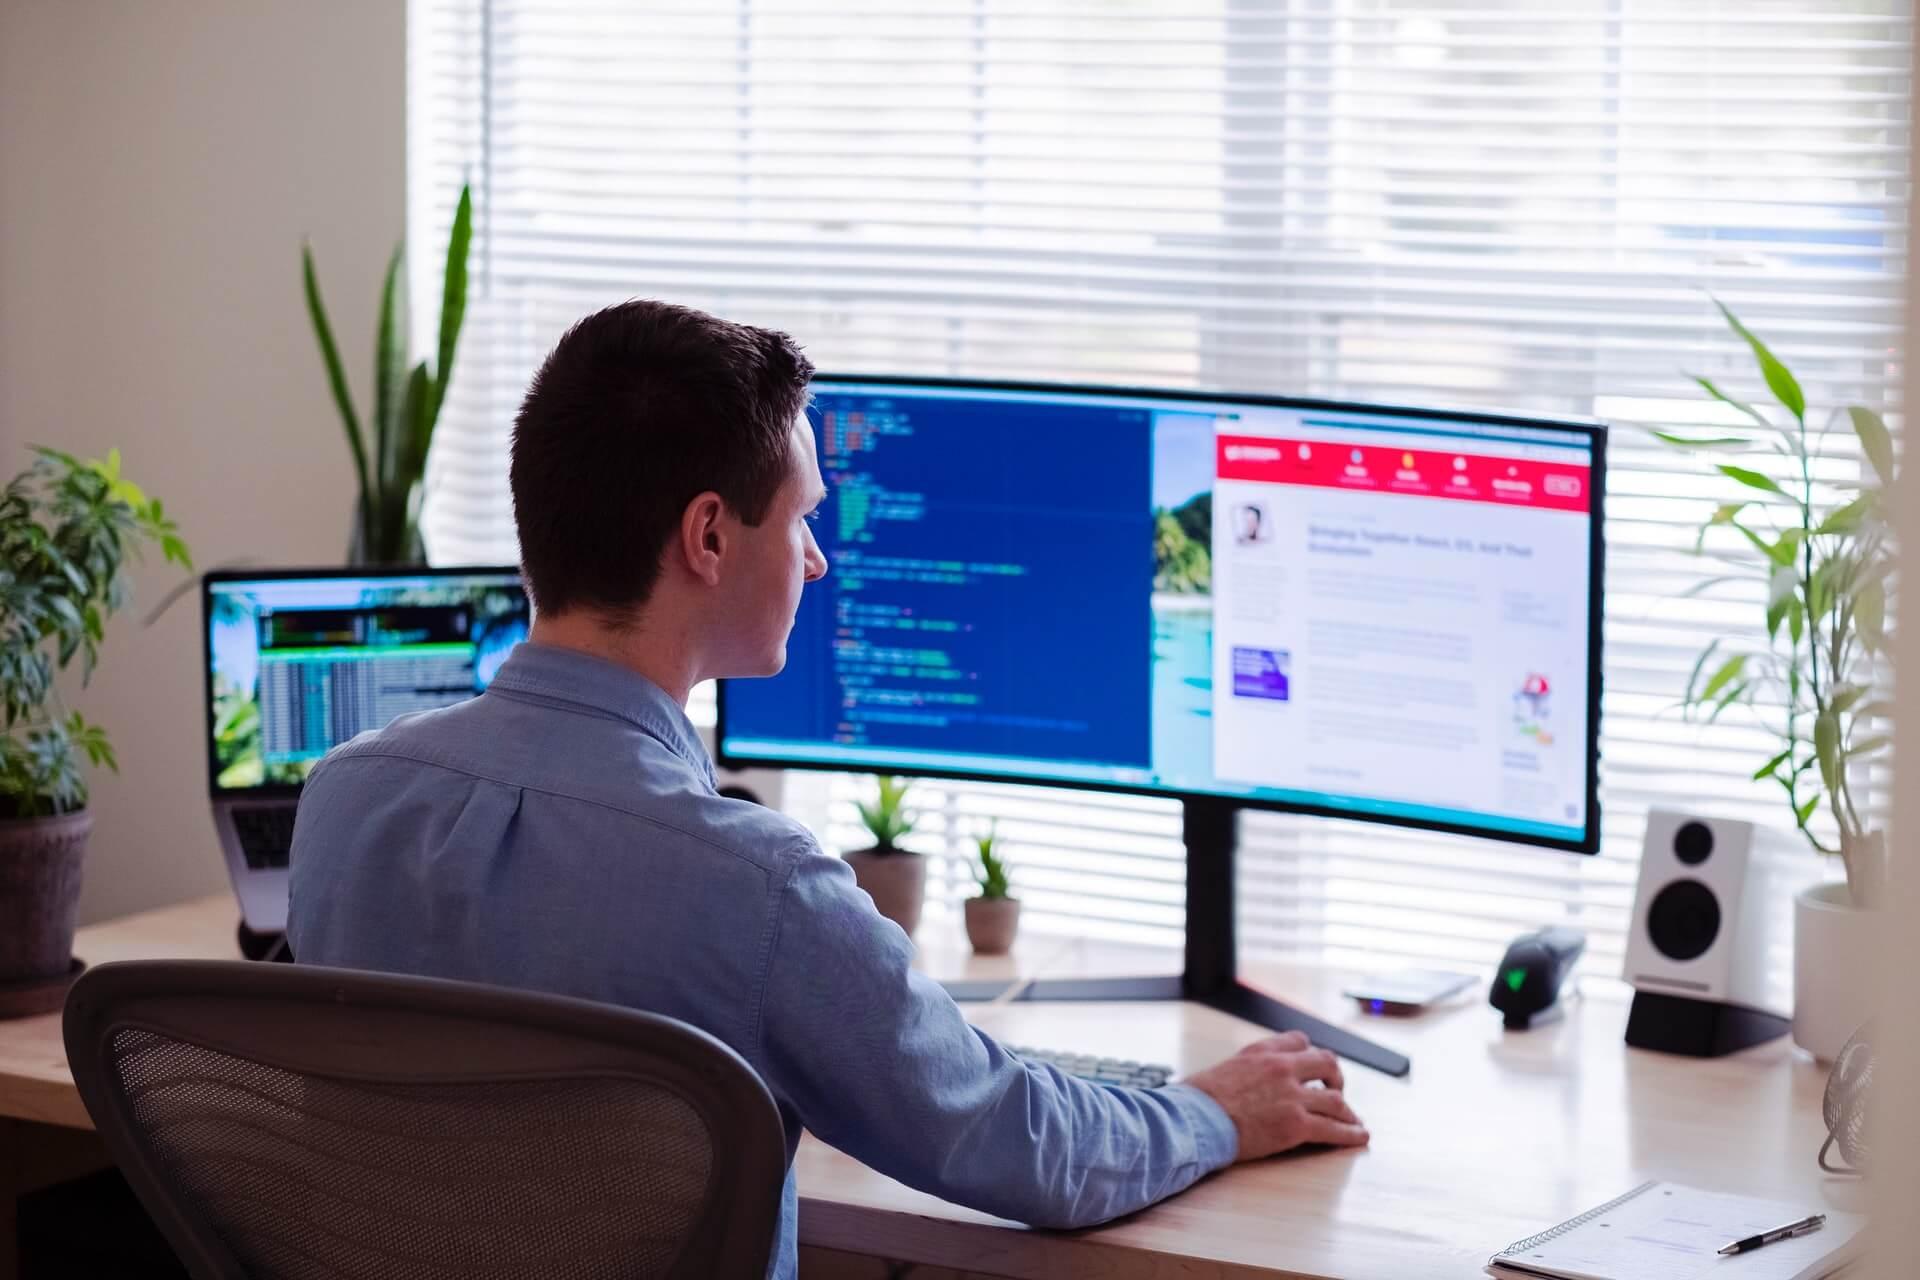 Praktische tips voor het vinden van de juiste online software